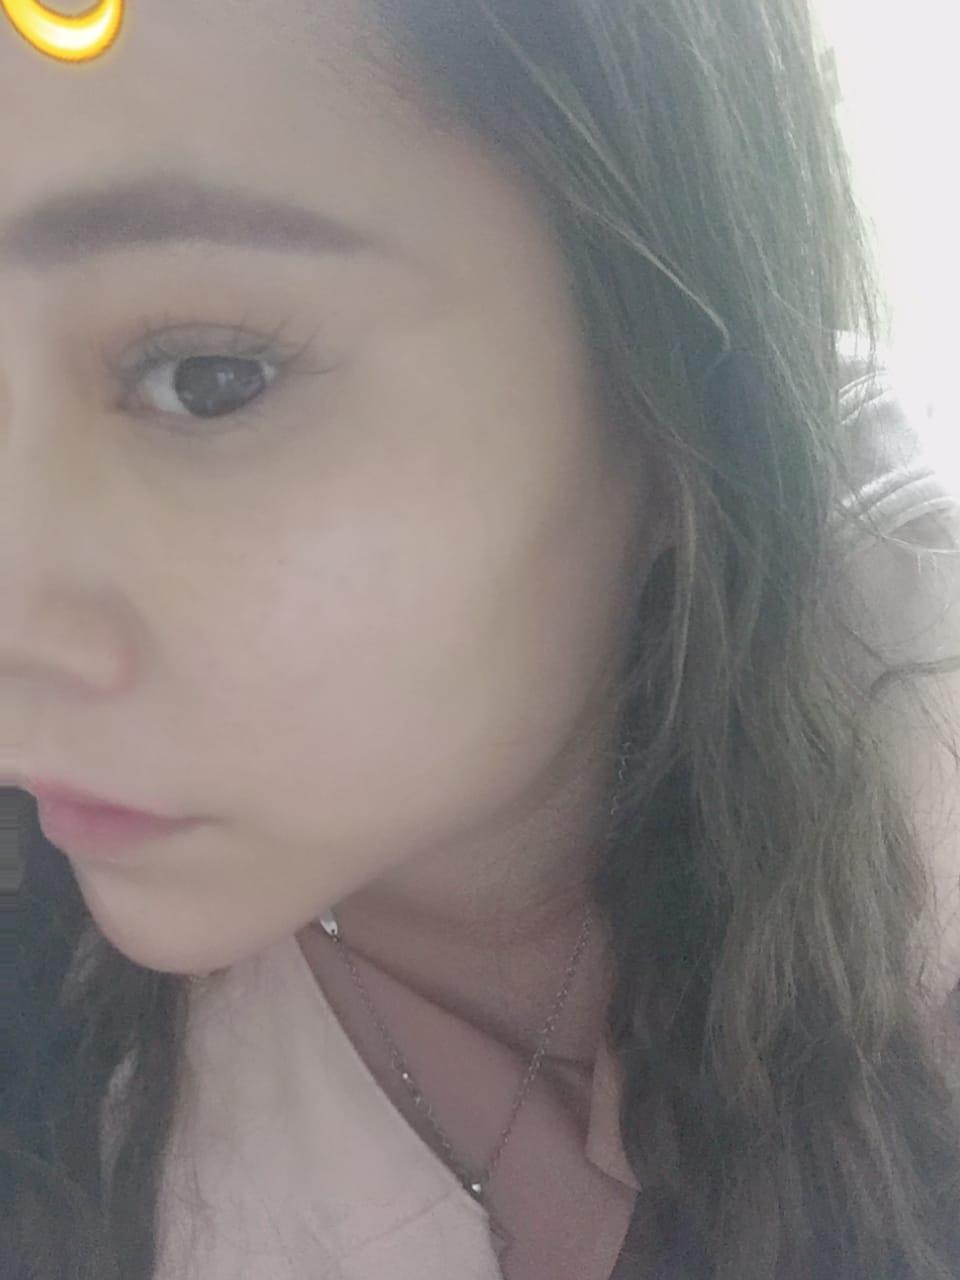 「居酒屋行きたいよ」05/06(日) 23:43 | とあの写メ・風俗動画